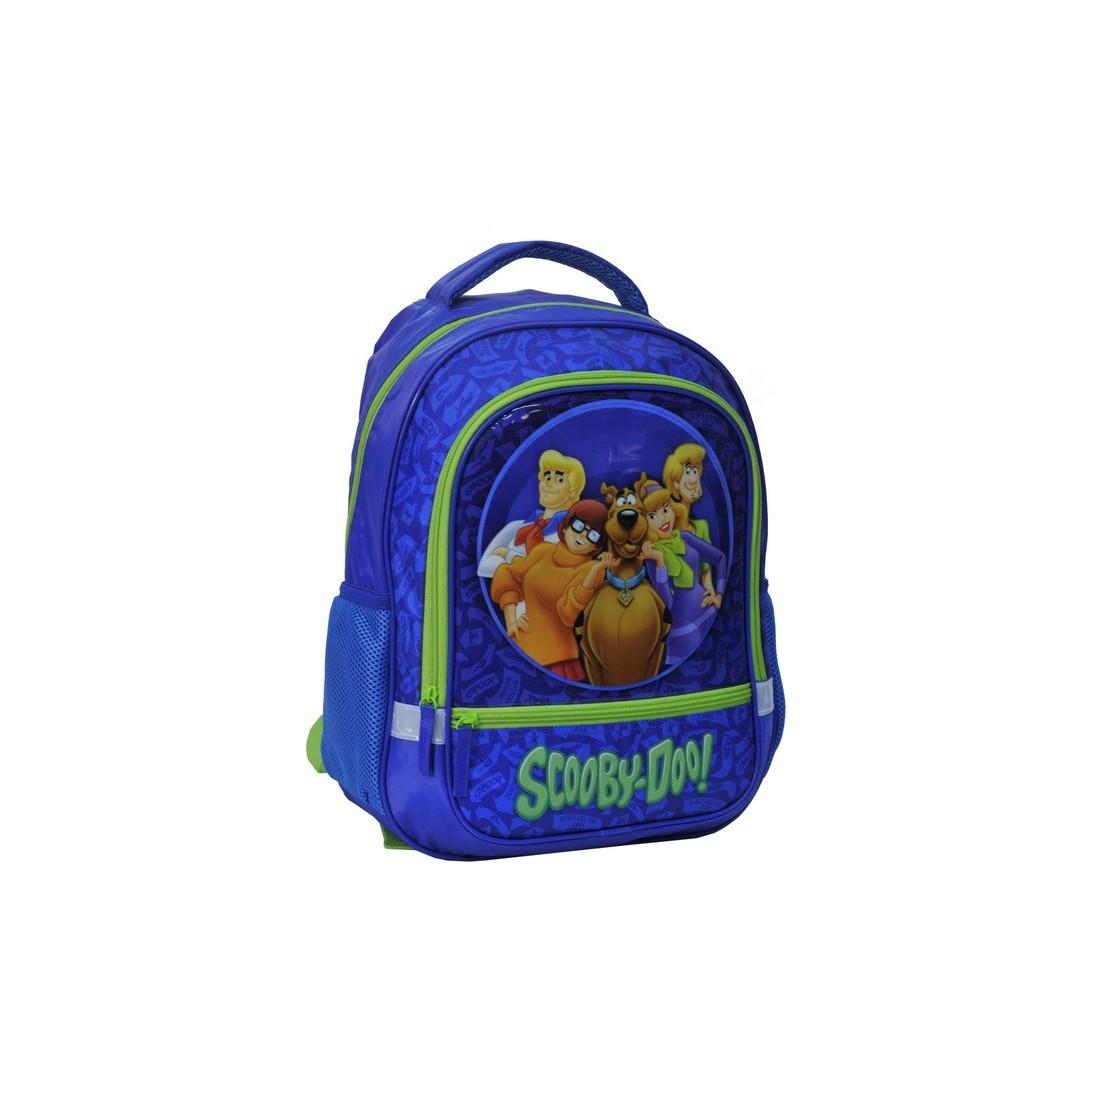 Plecak szkolny Scooby Doo granatowy - plecak-tornister.pl